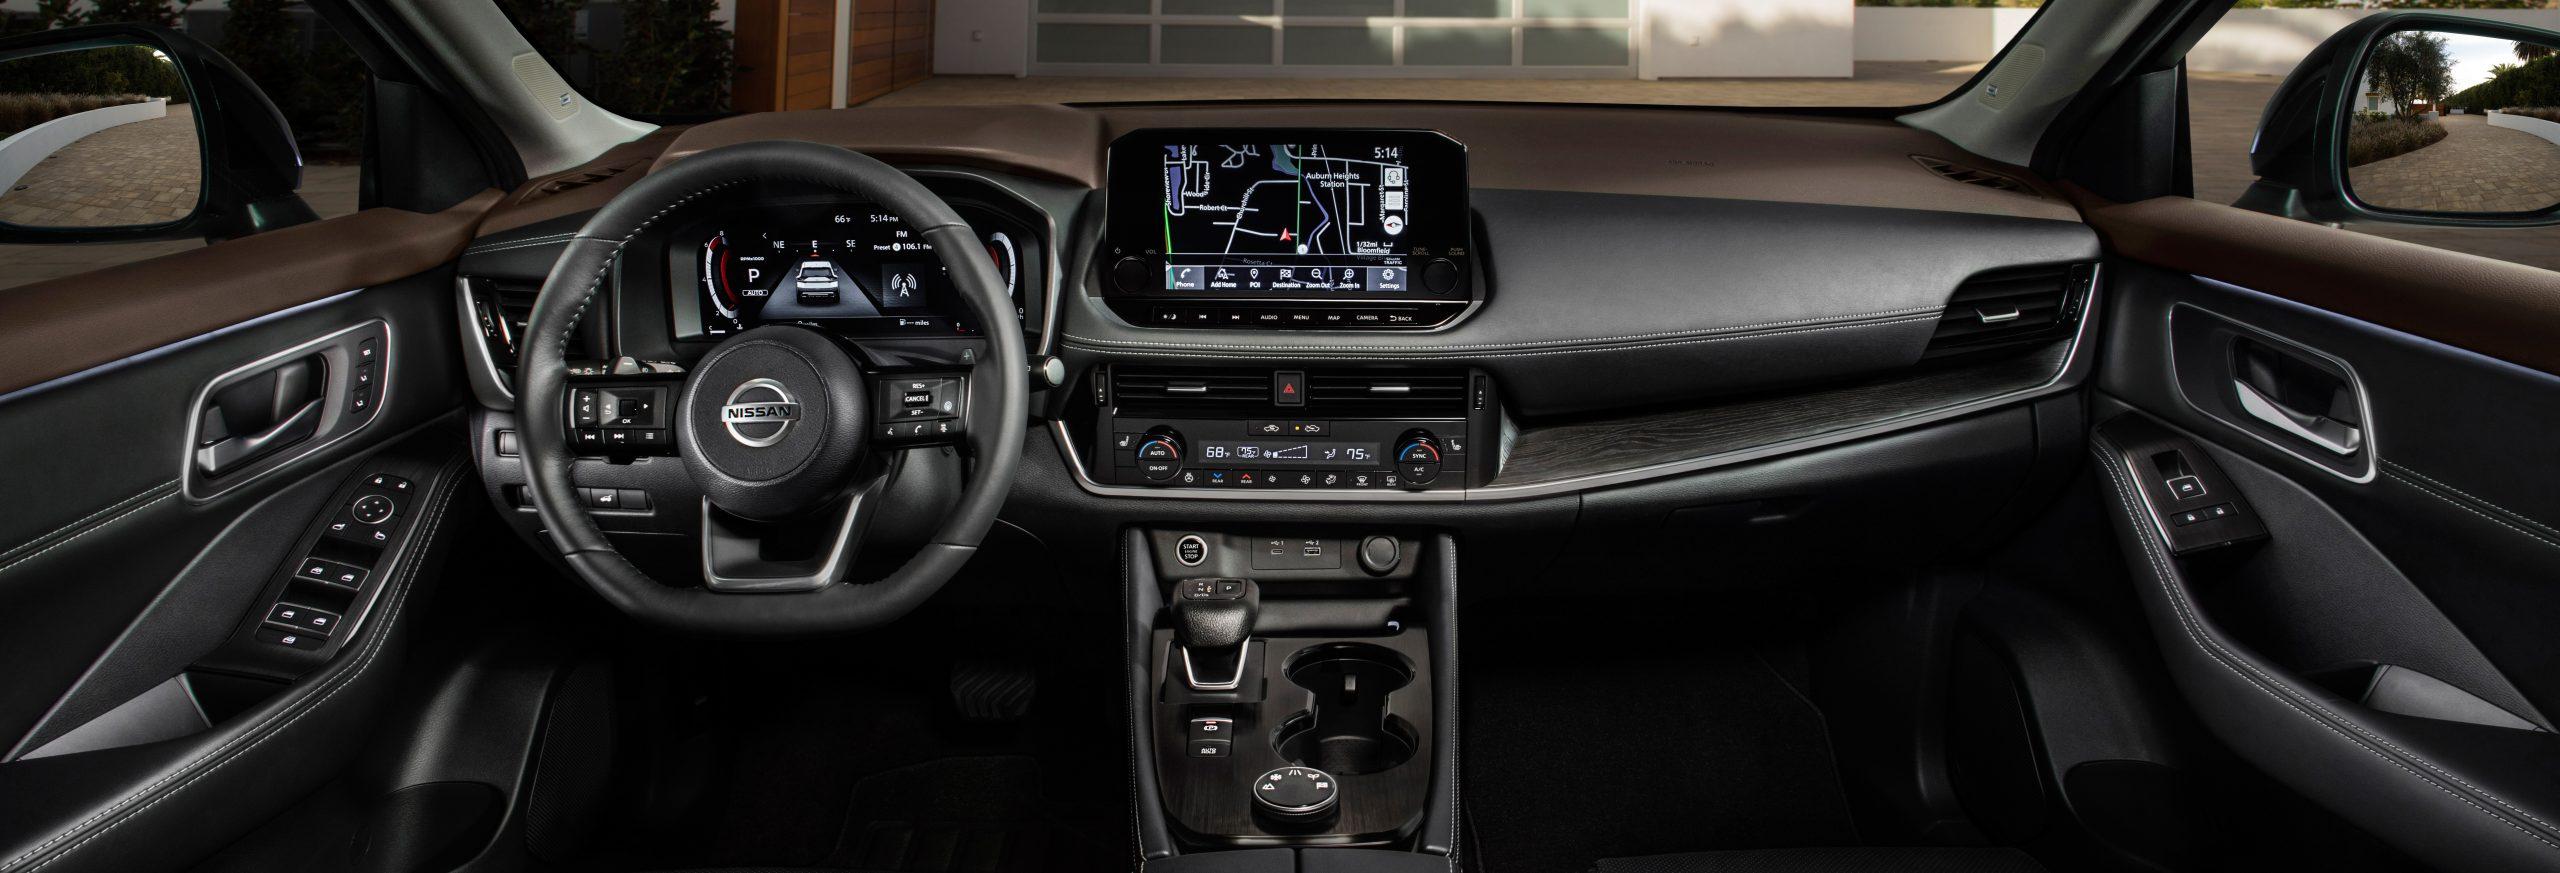 Nissan Rogue Interior Brownsville